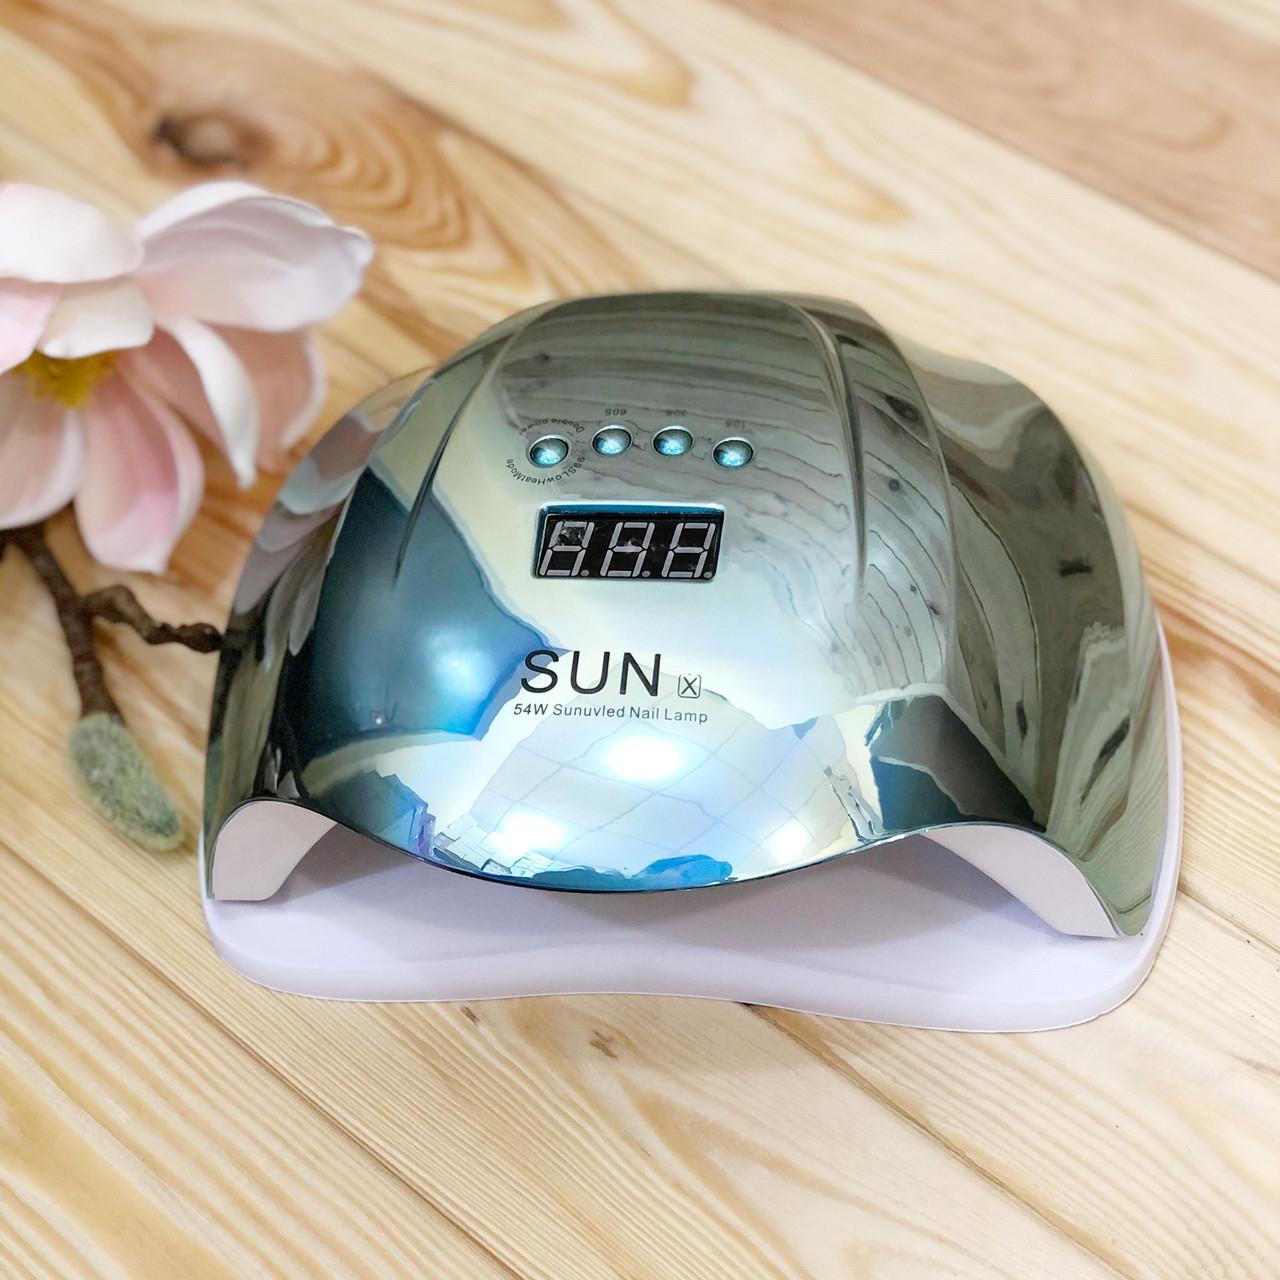 Лампа для манікюру SUN X Mirror Blue UV/LED, 54 Вт